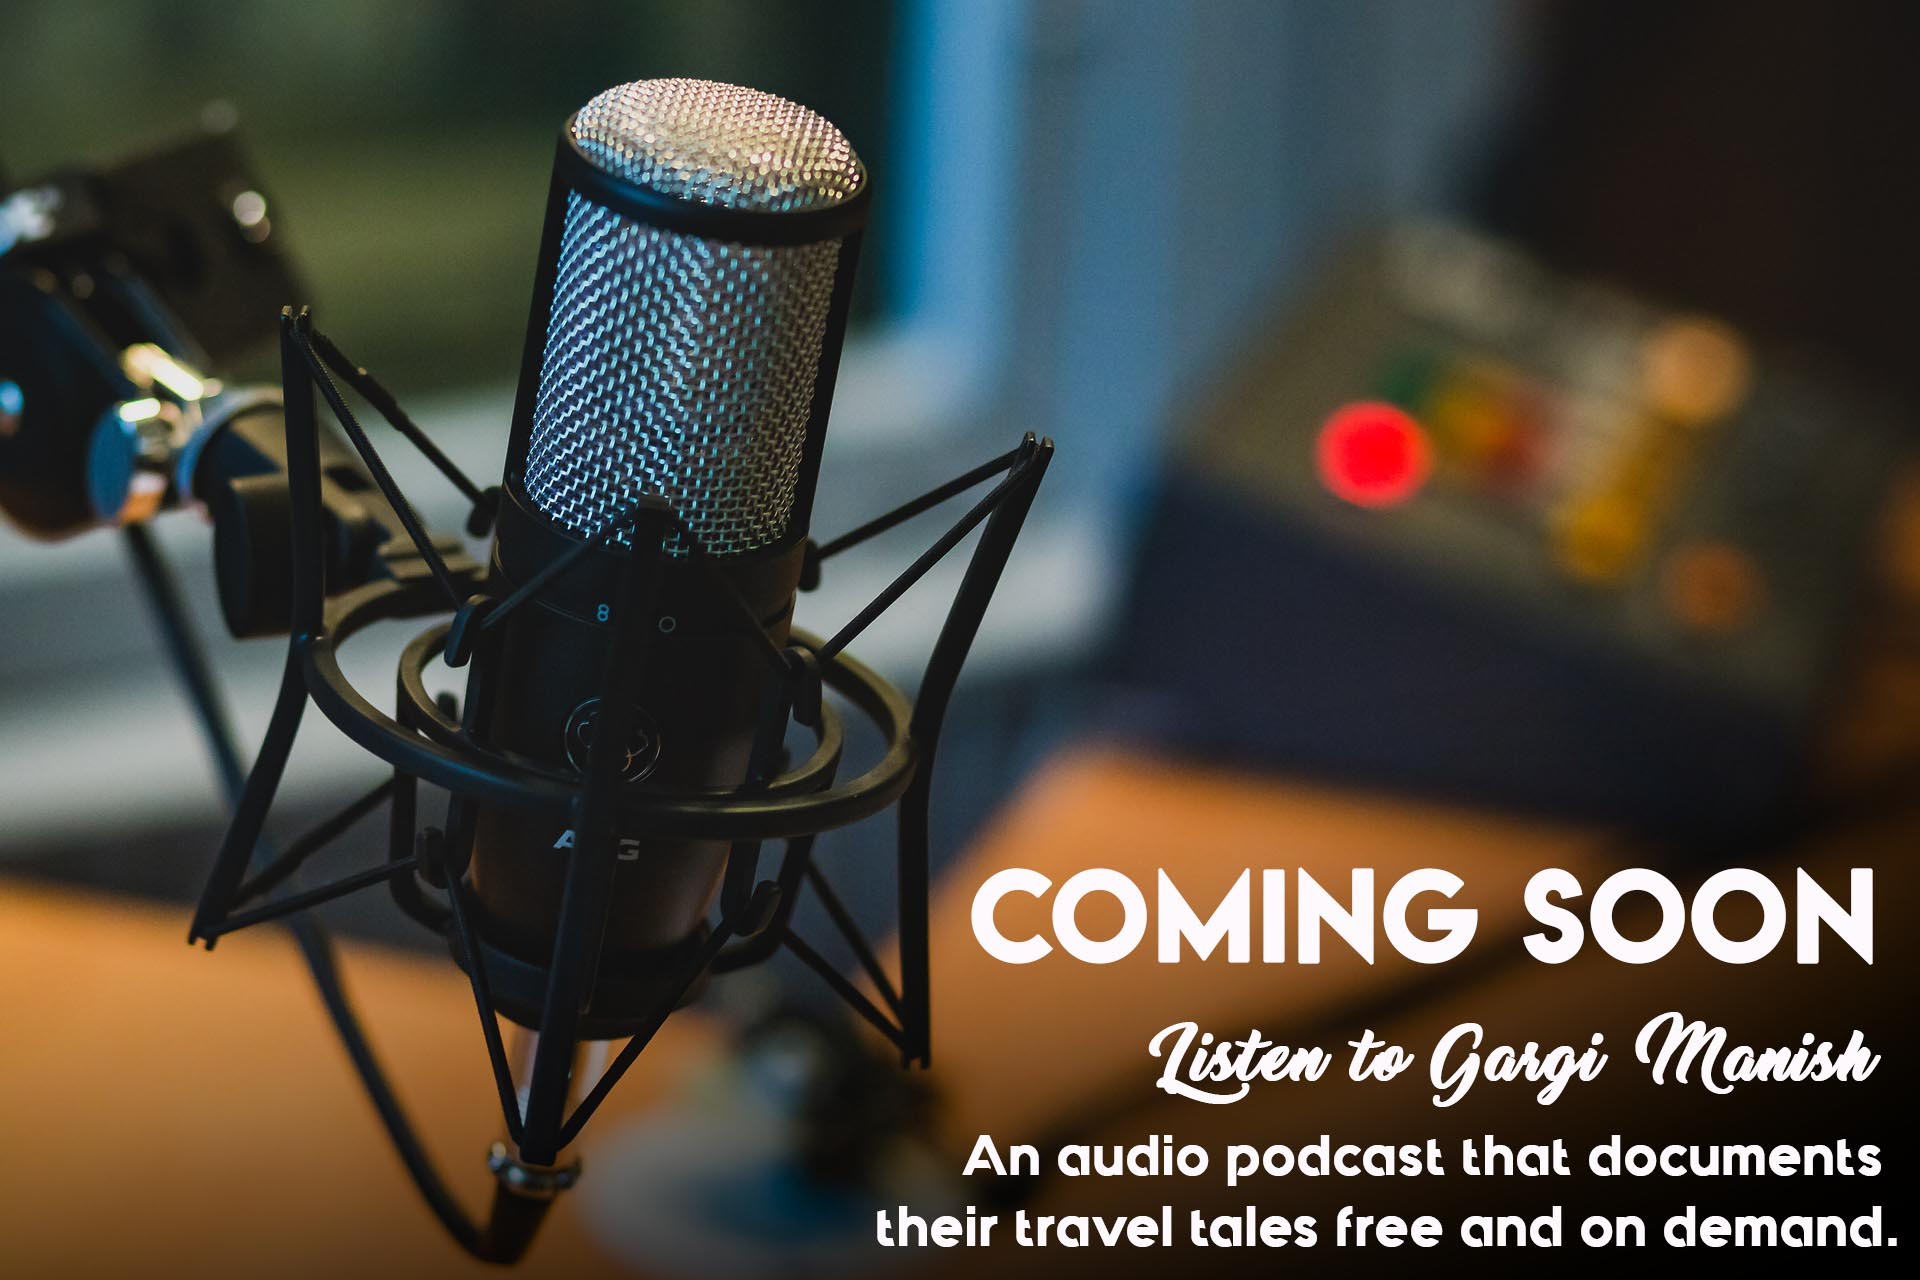 Gargi Manish Podcast